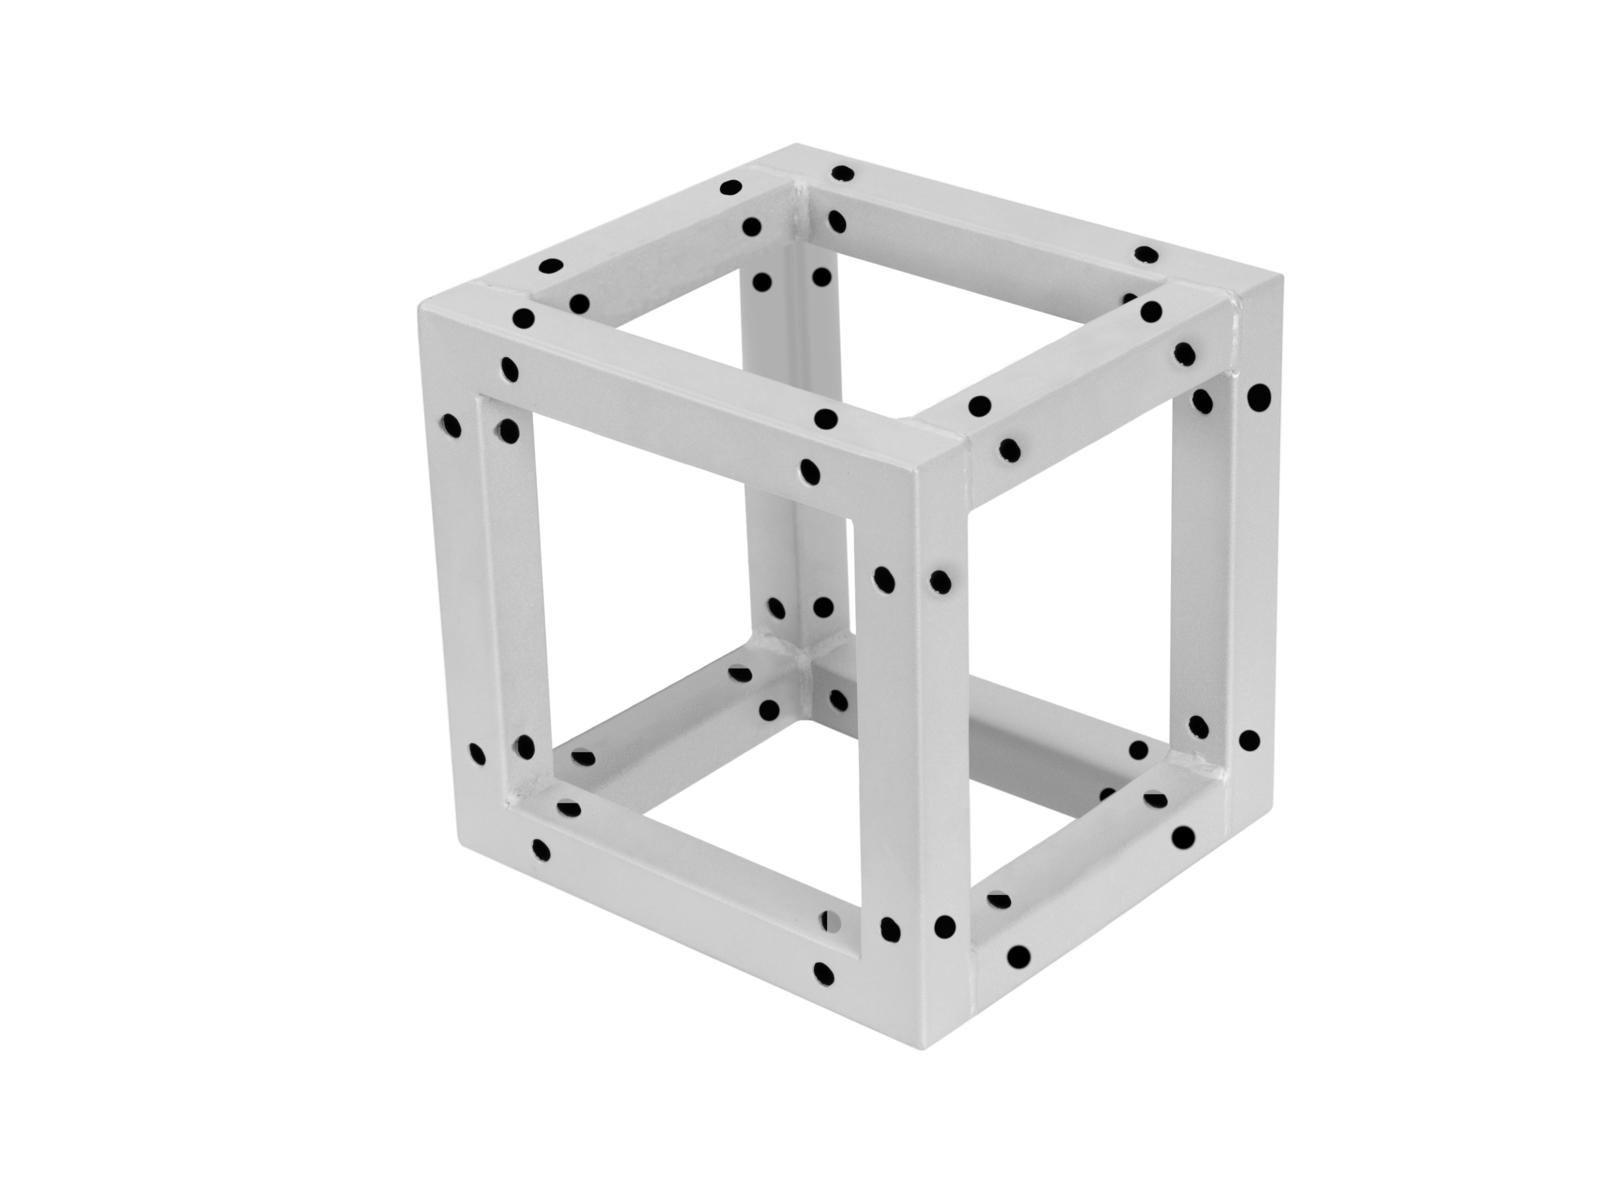 DECOTRUSS Quad Corner Block sil